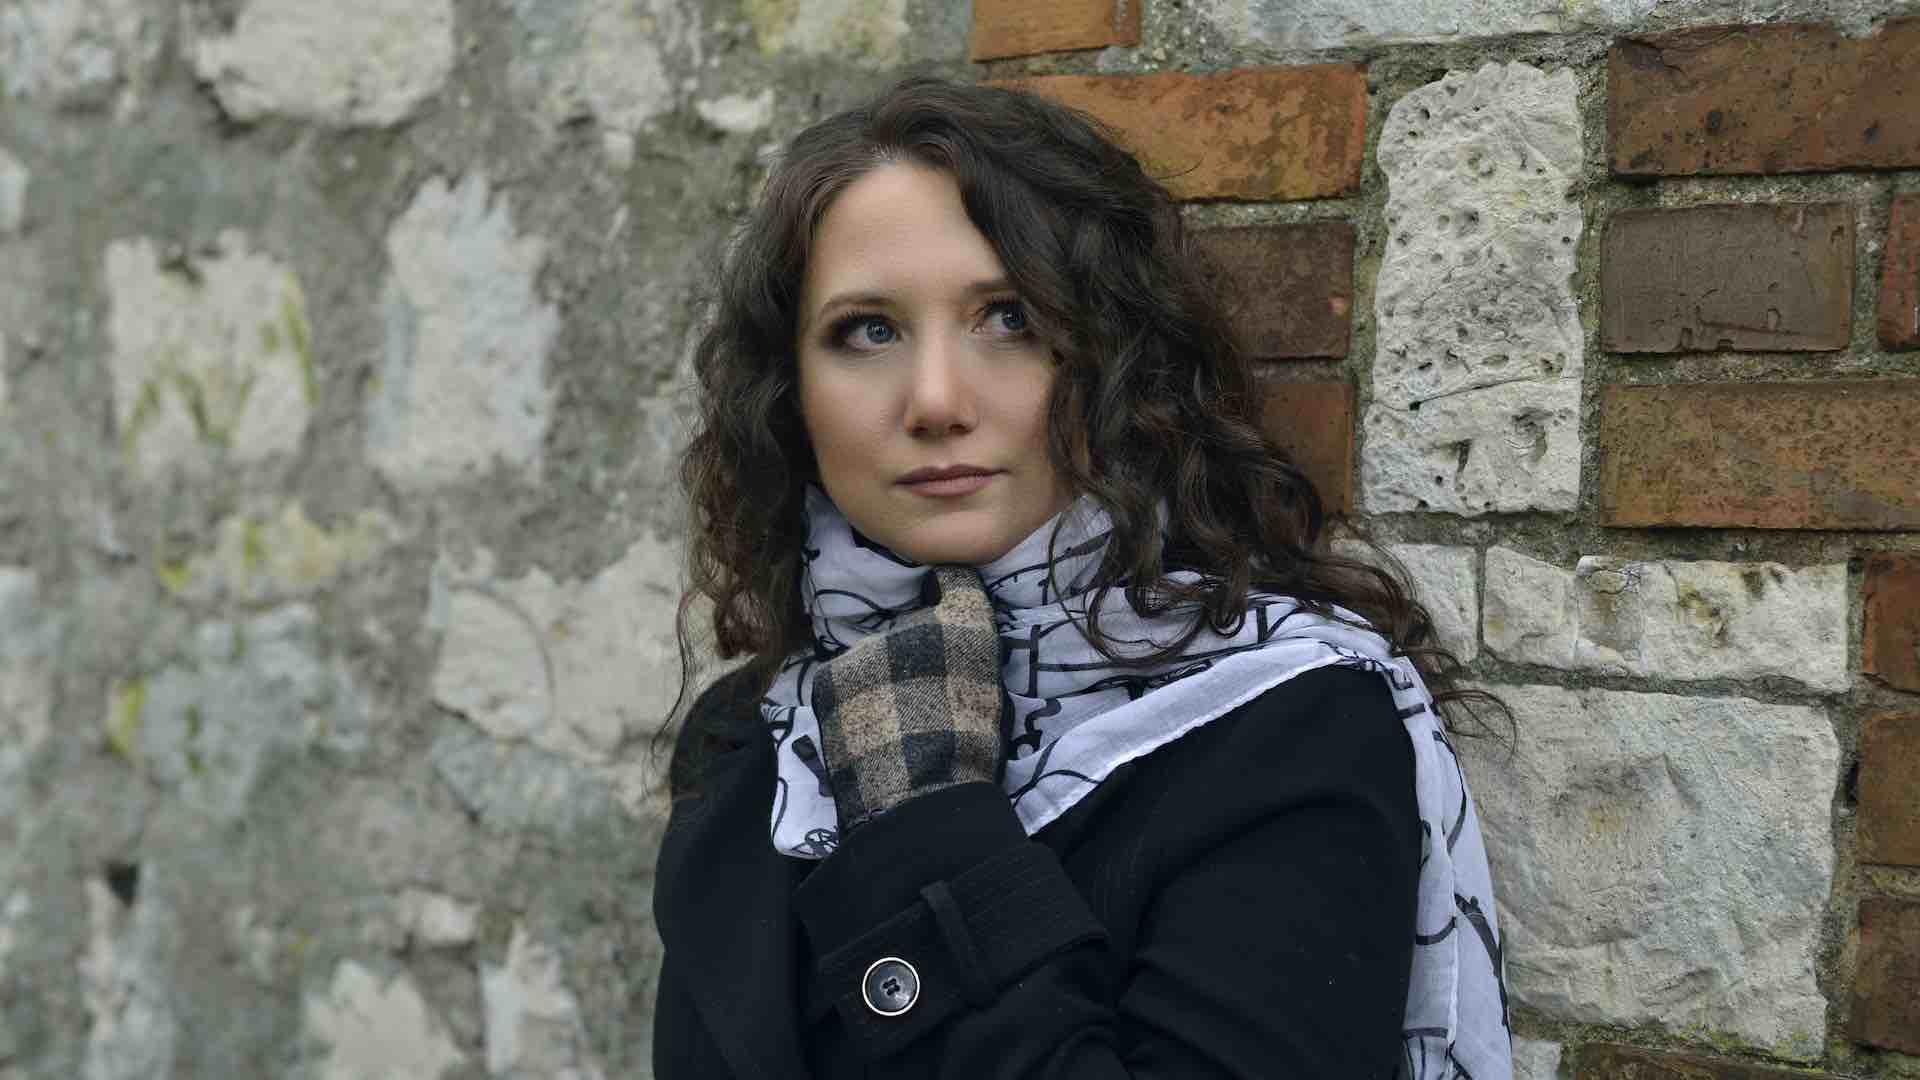 Anna Rozenberg fotografia Dominika Tamioły